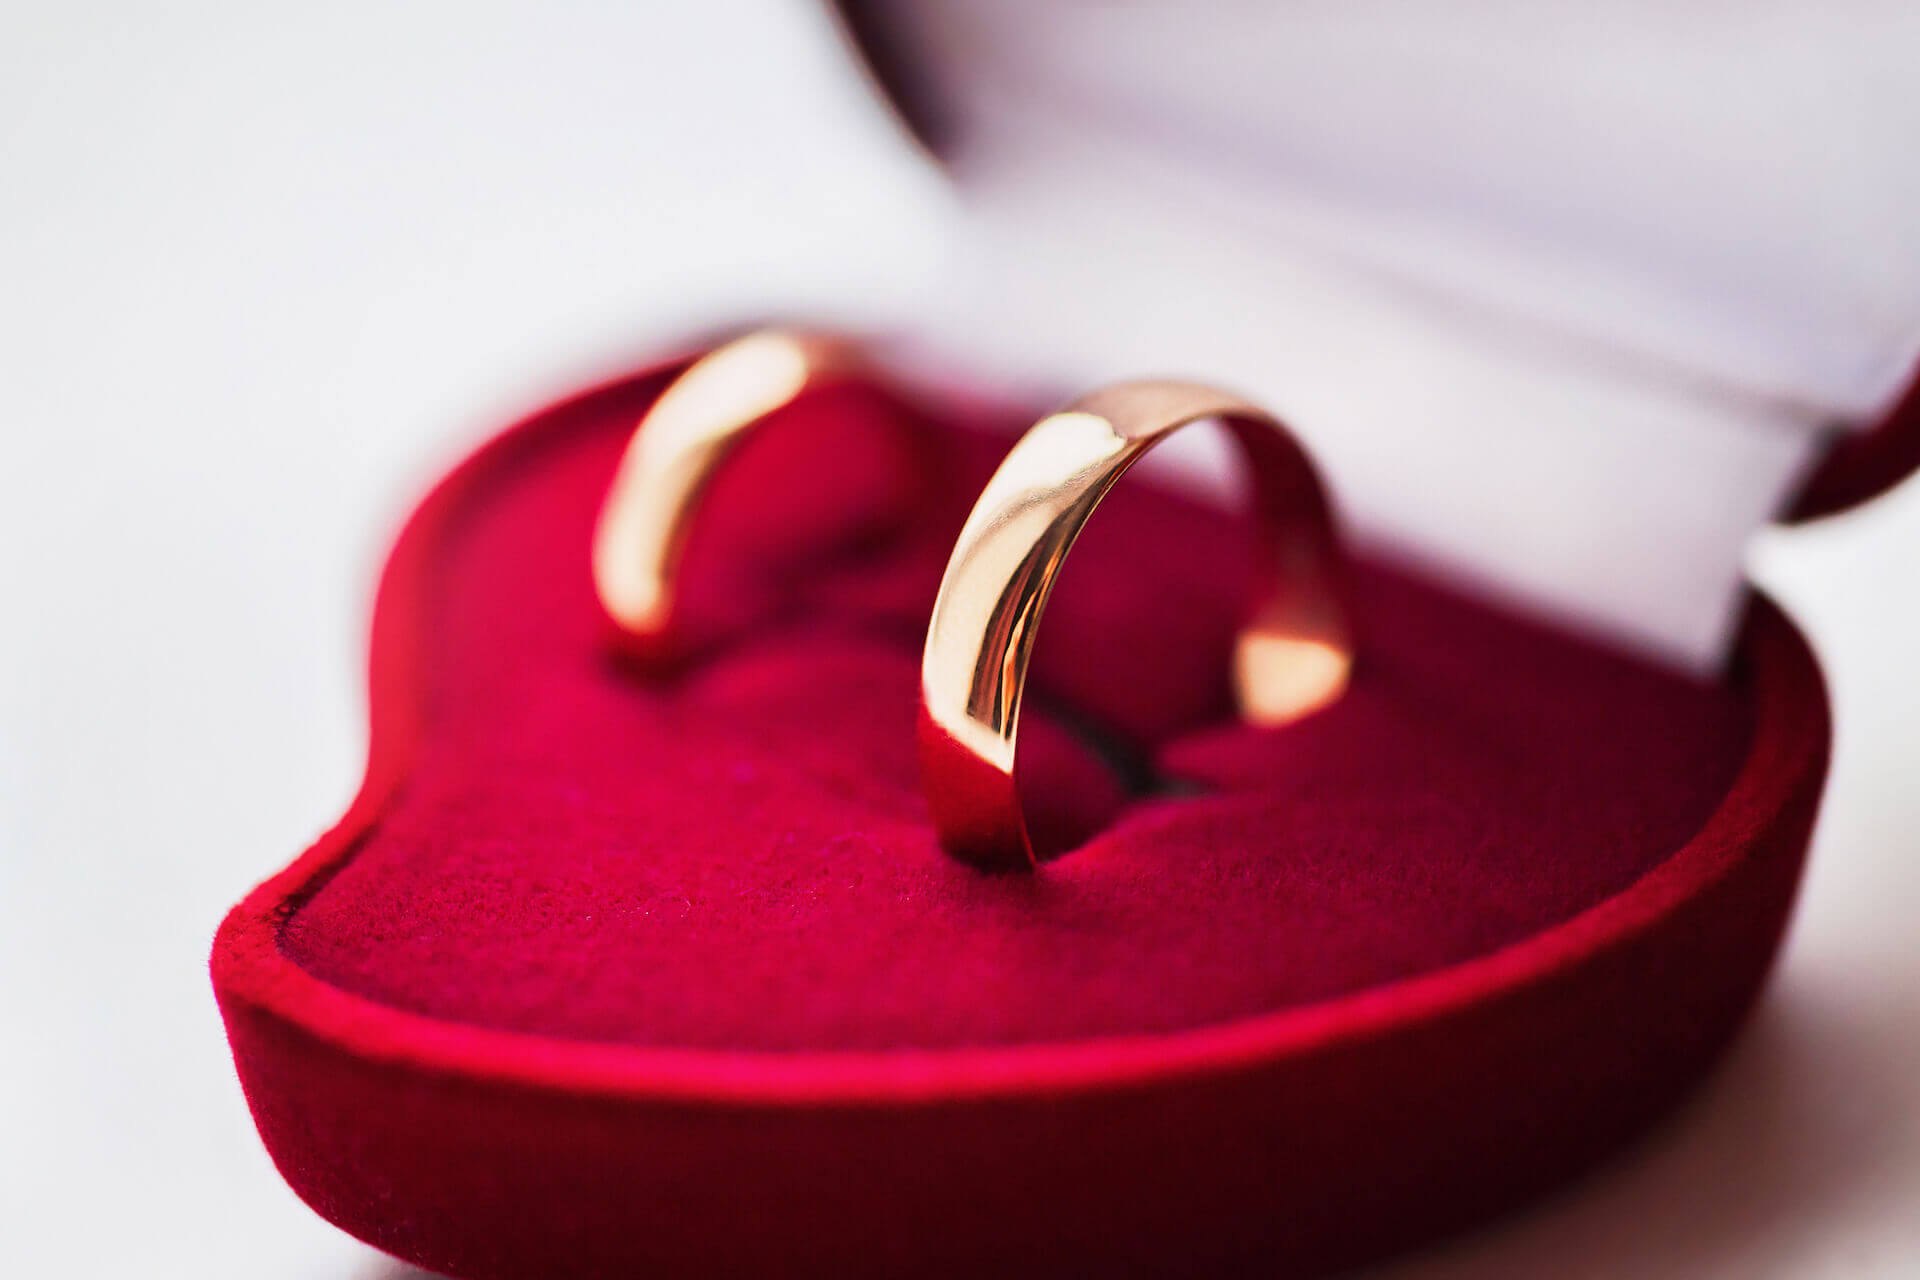 איך לבחור טבעת אירוסין מושלמת